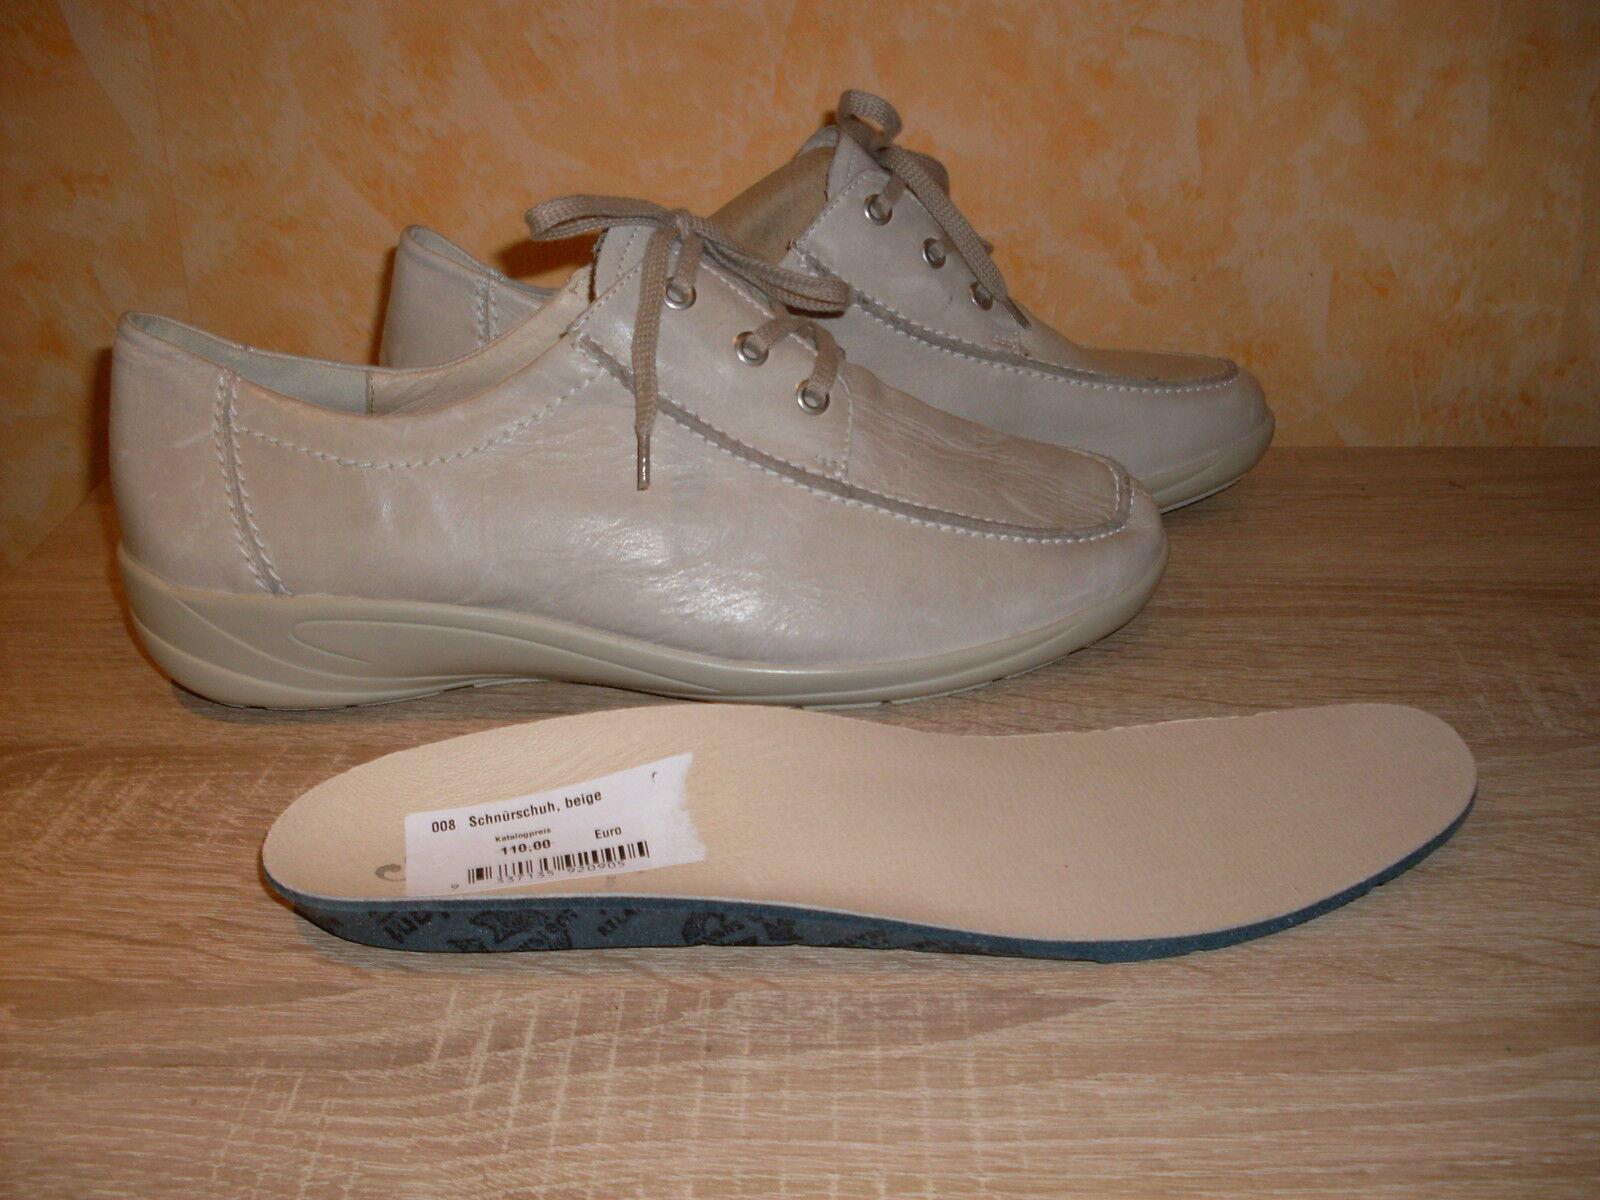 Zapatos de mujer baratos zapatos de mujer Descuento por tiempo limitado Semler Laufschuh Schnürschuh NEU Gr. 9 43 Weite K in beige & Nappa Leder